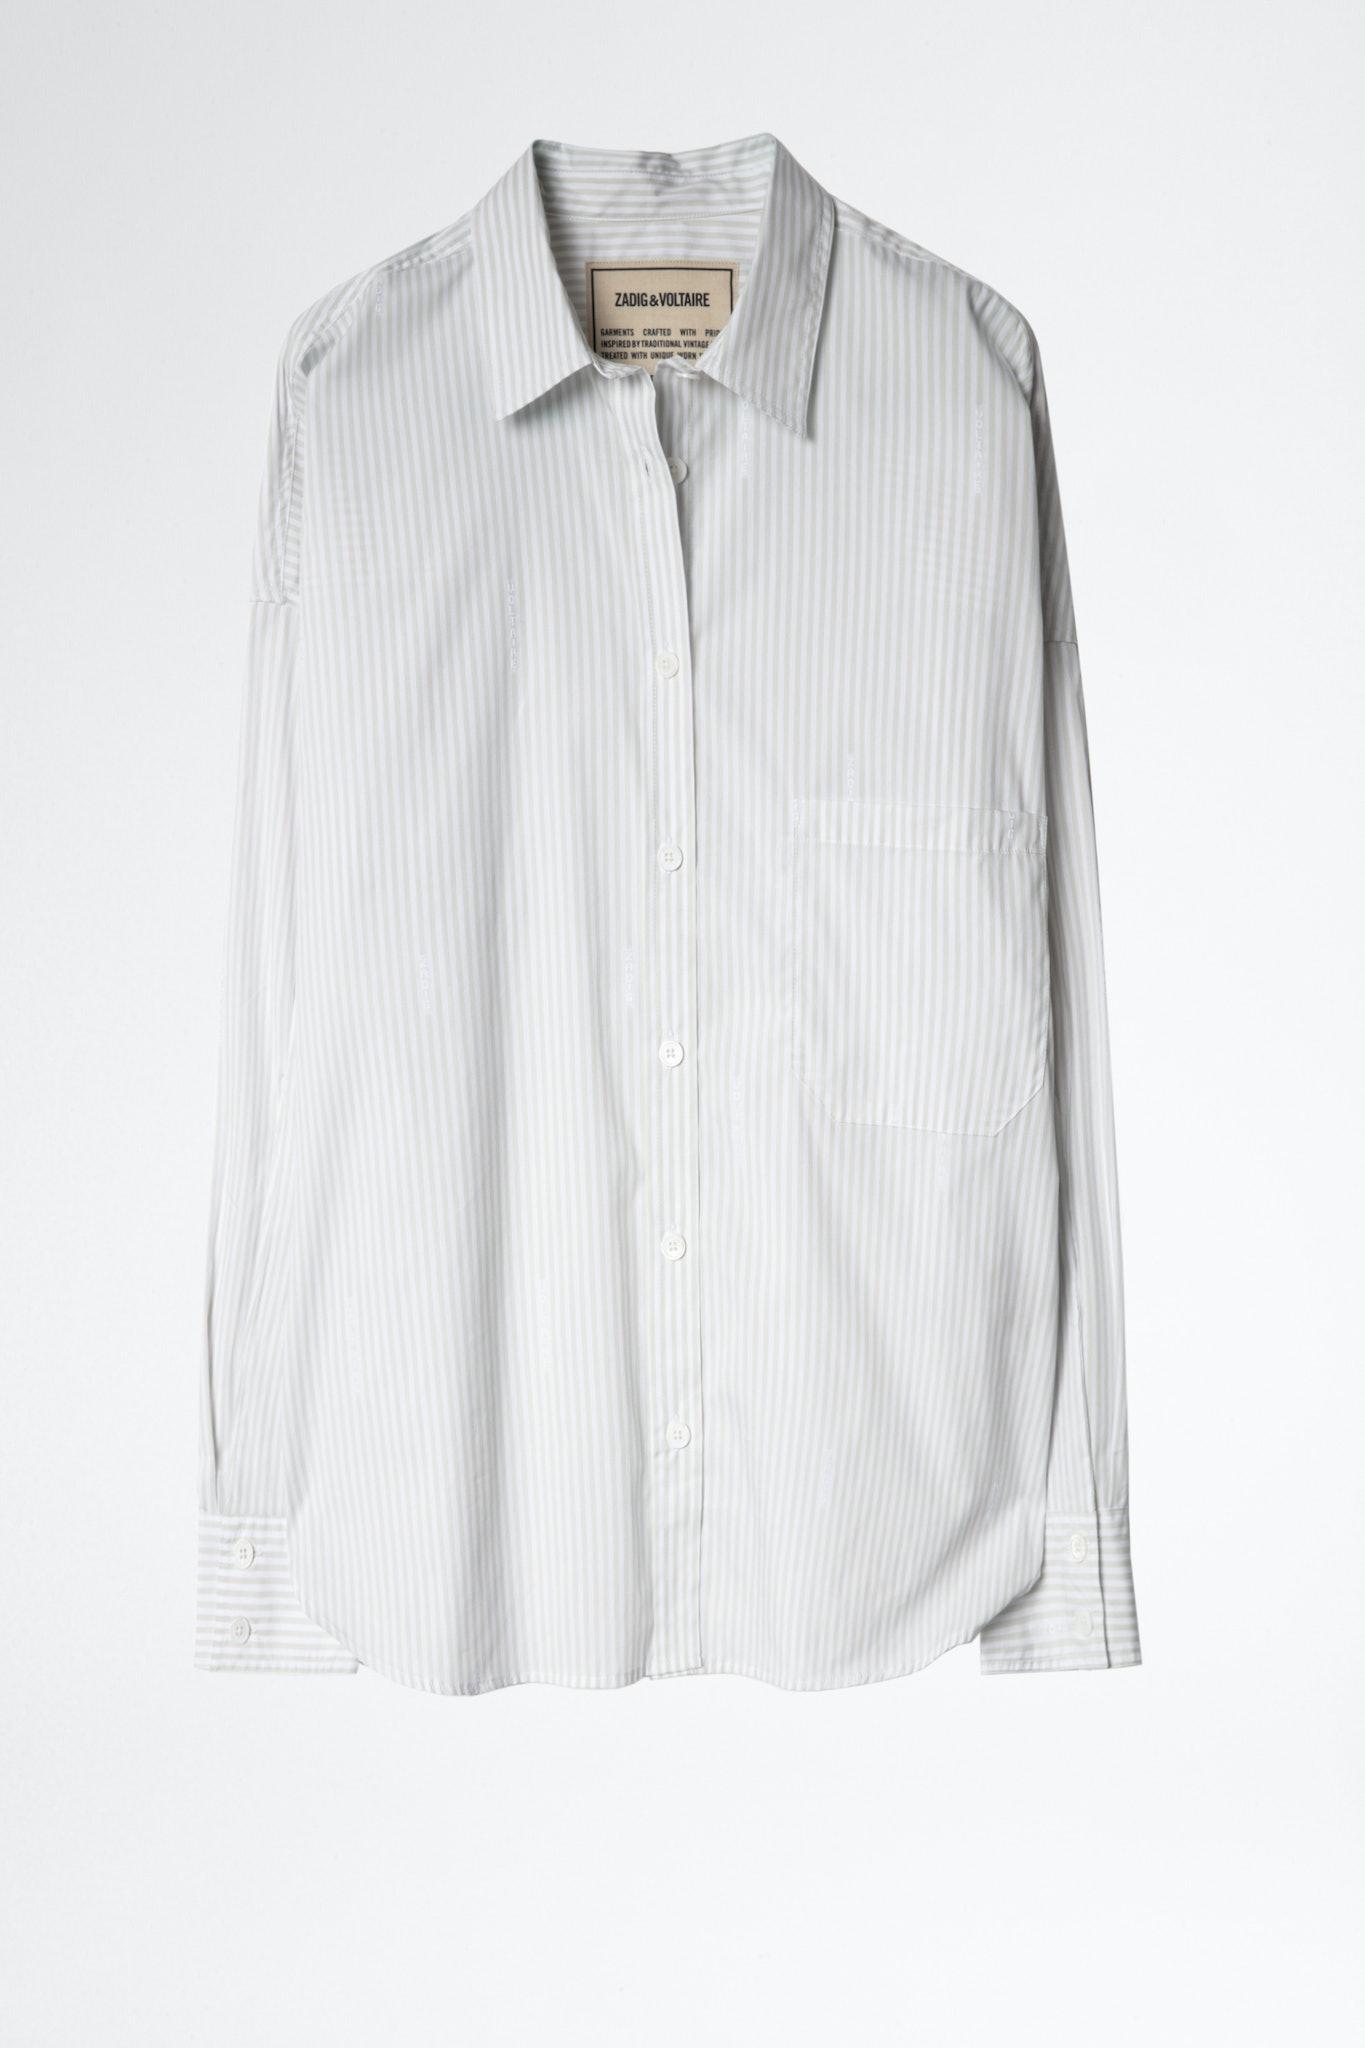 Tamara ZV Stripes Shirt